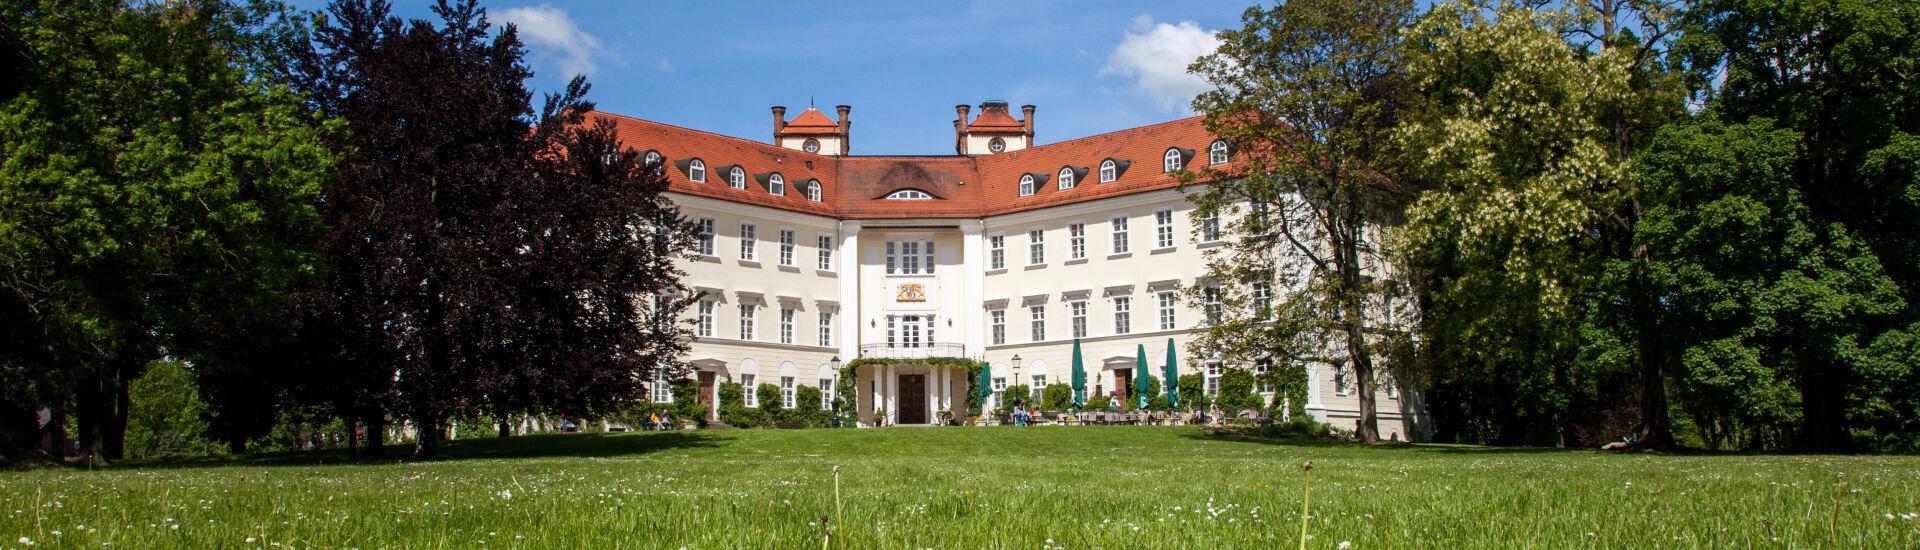 Schloss Lübbenau, Foto: Peter Becker